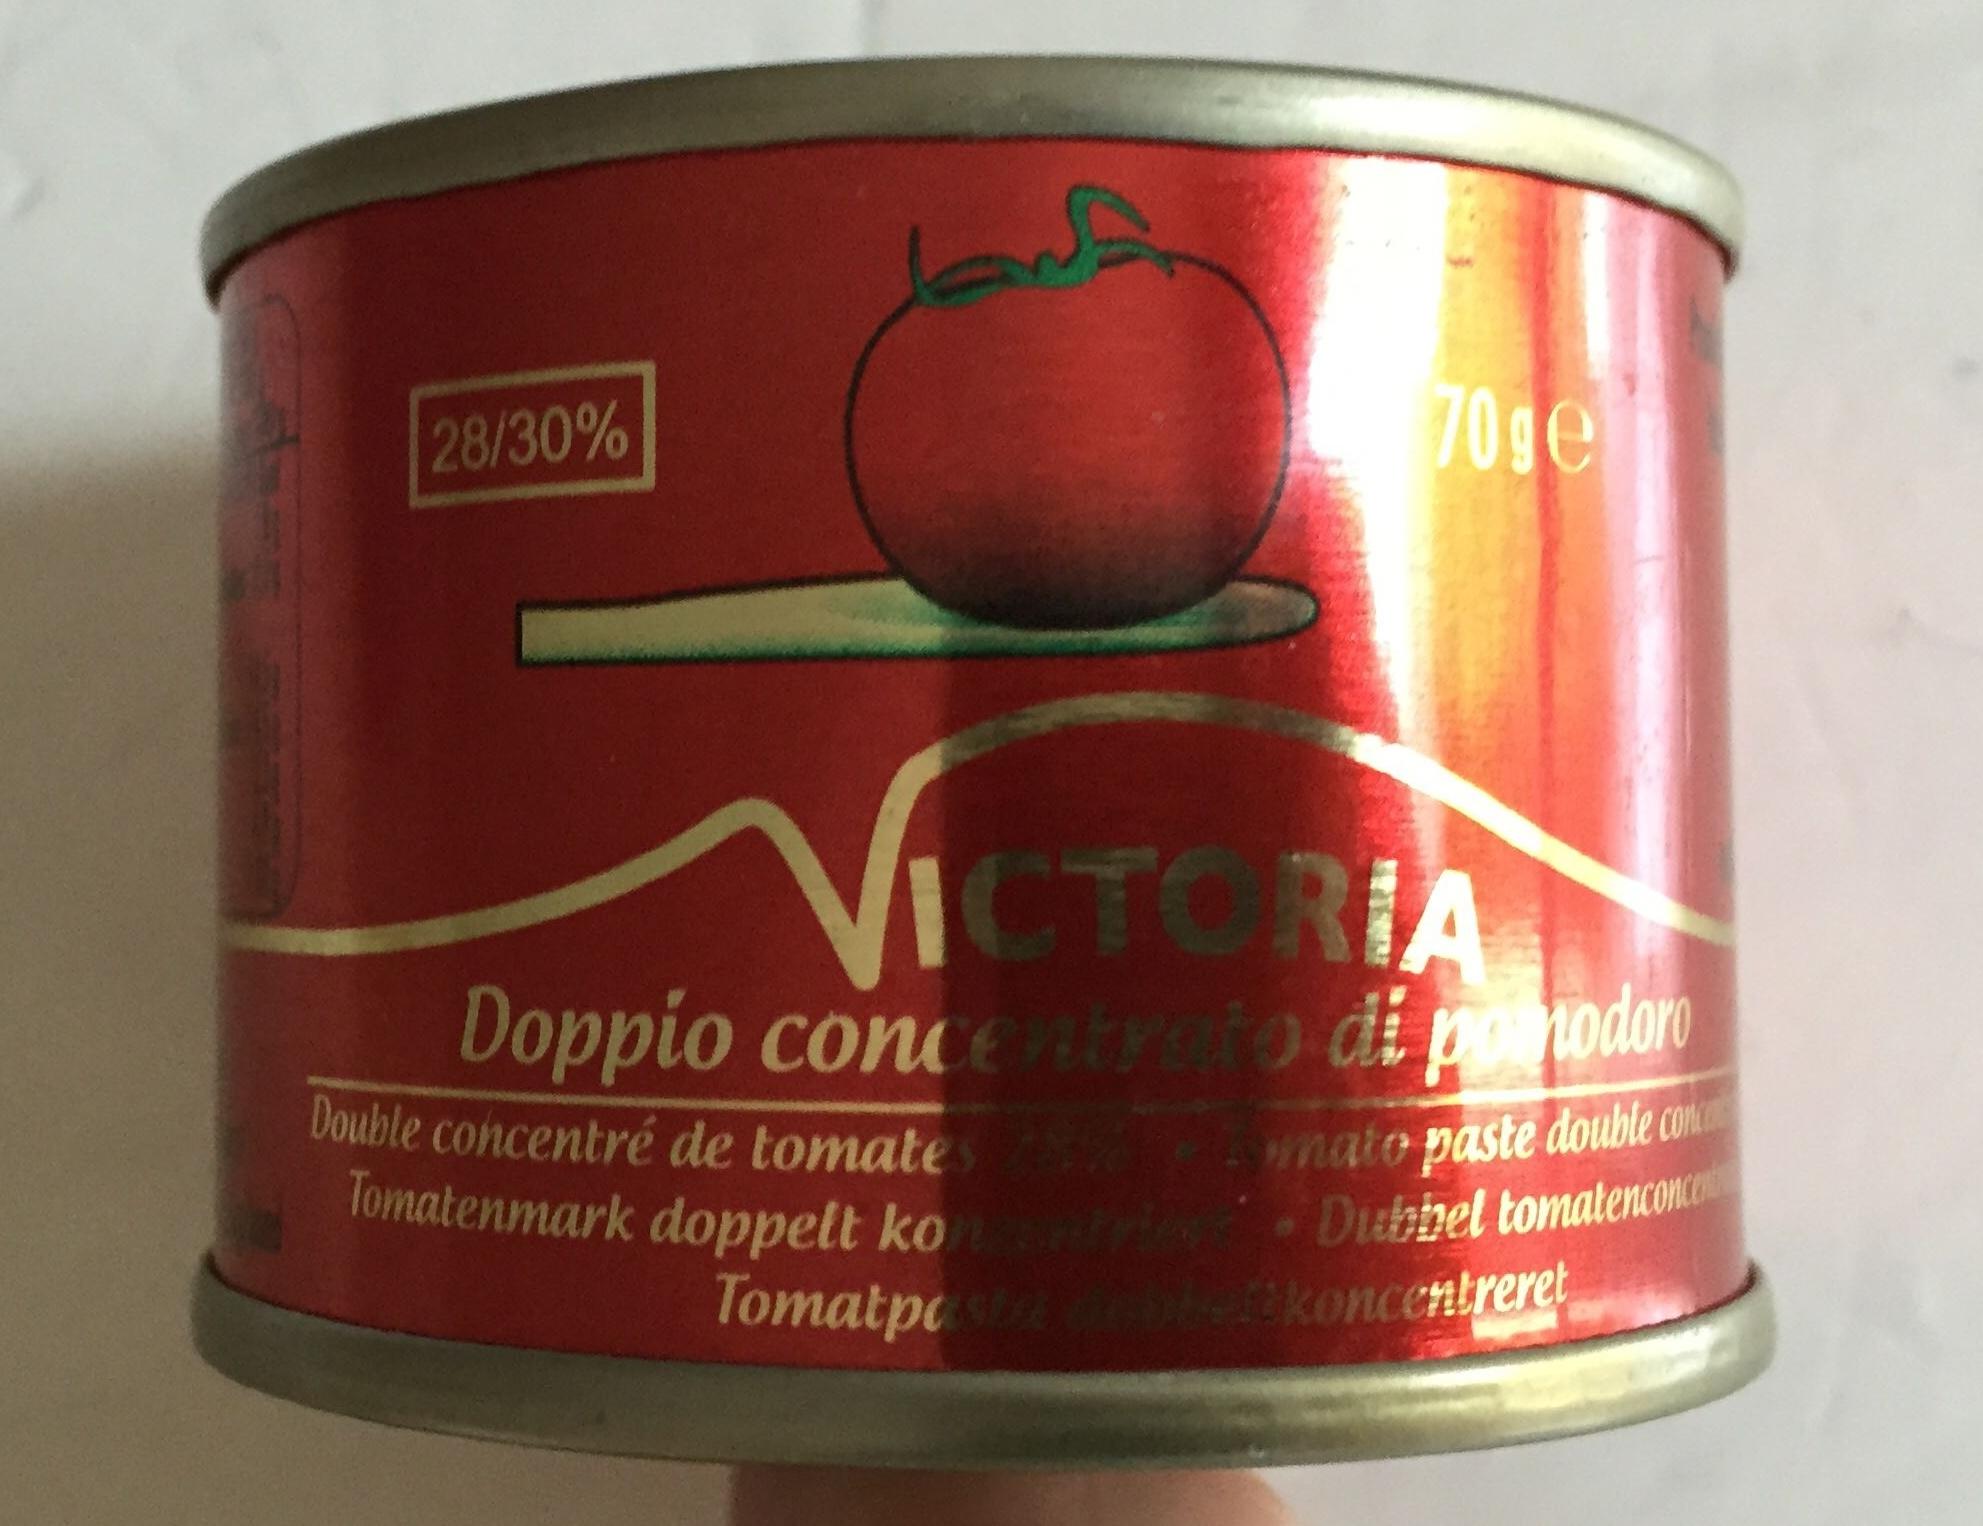 Double concentré de tomates 28% - Produit - fr